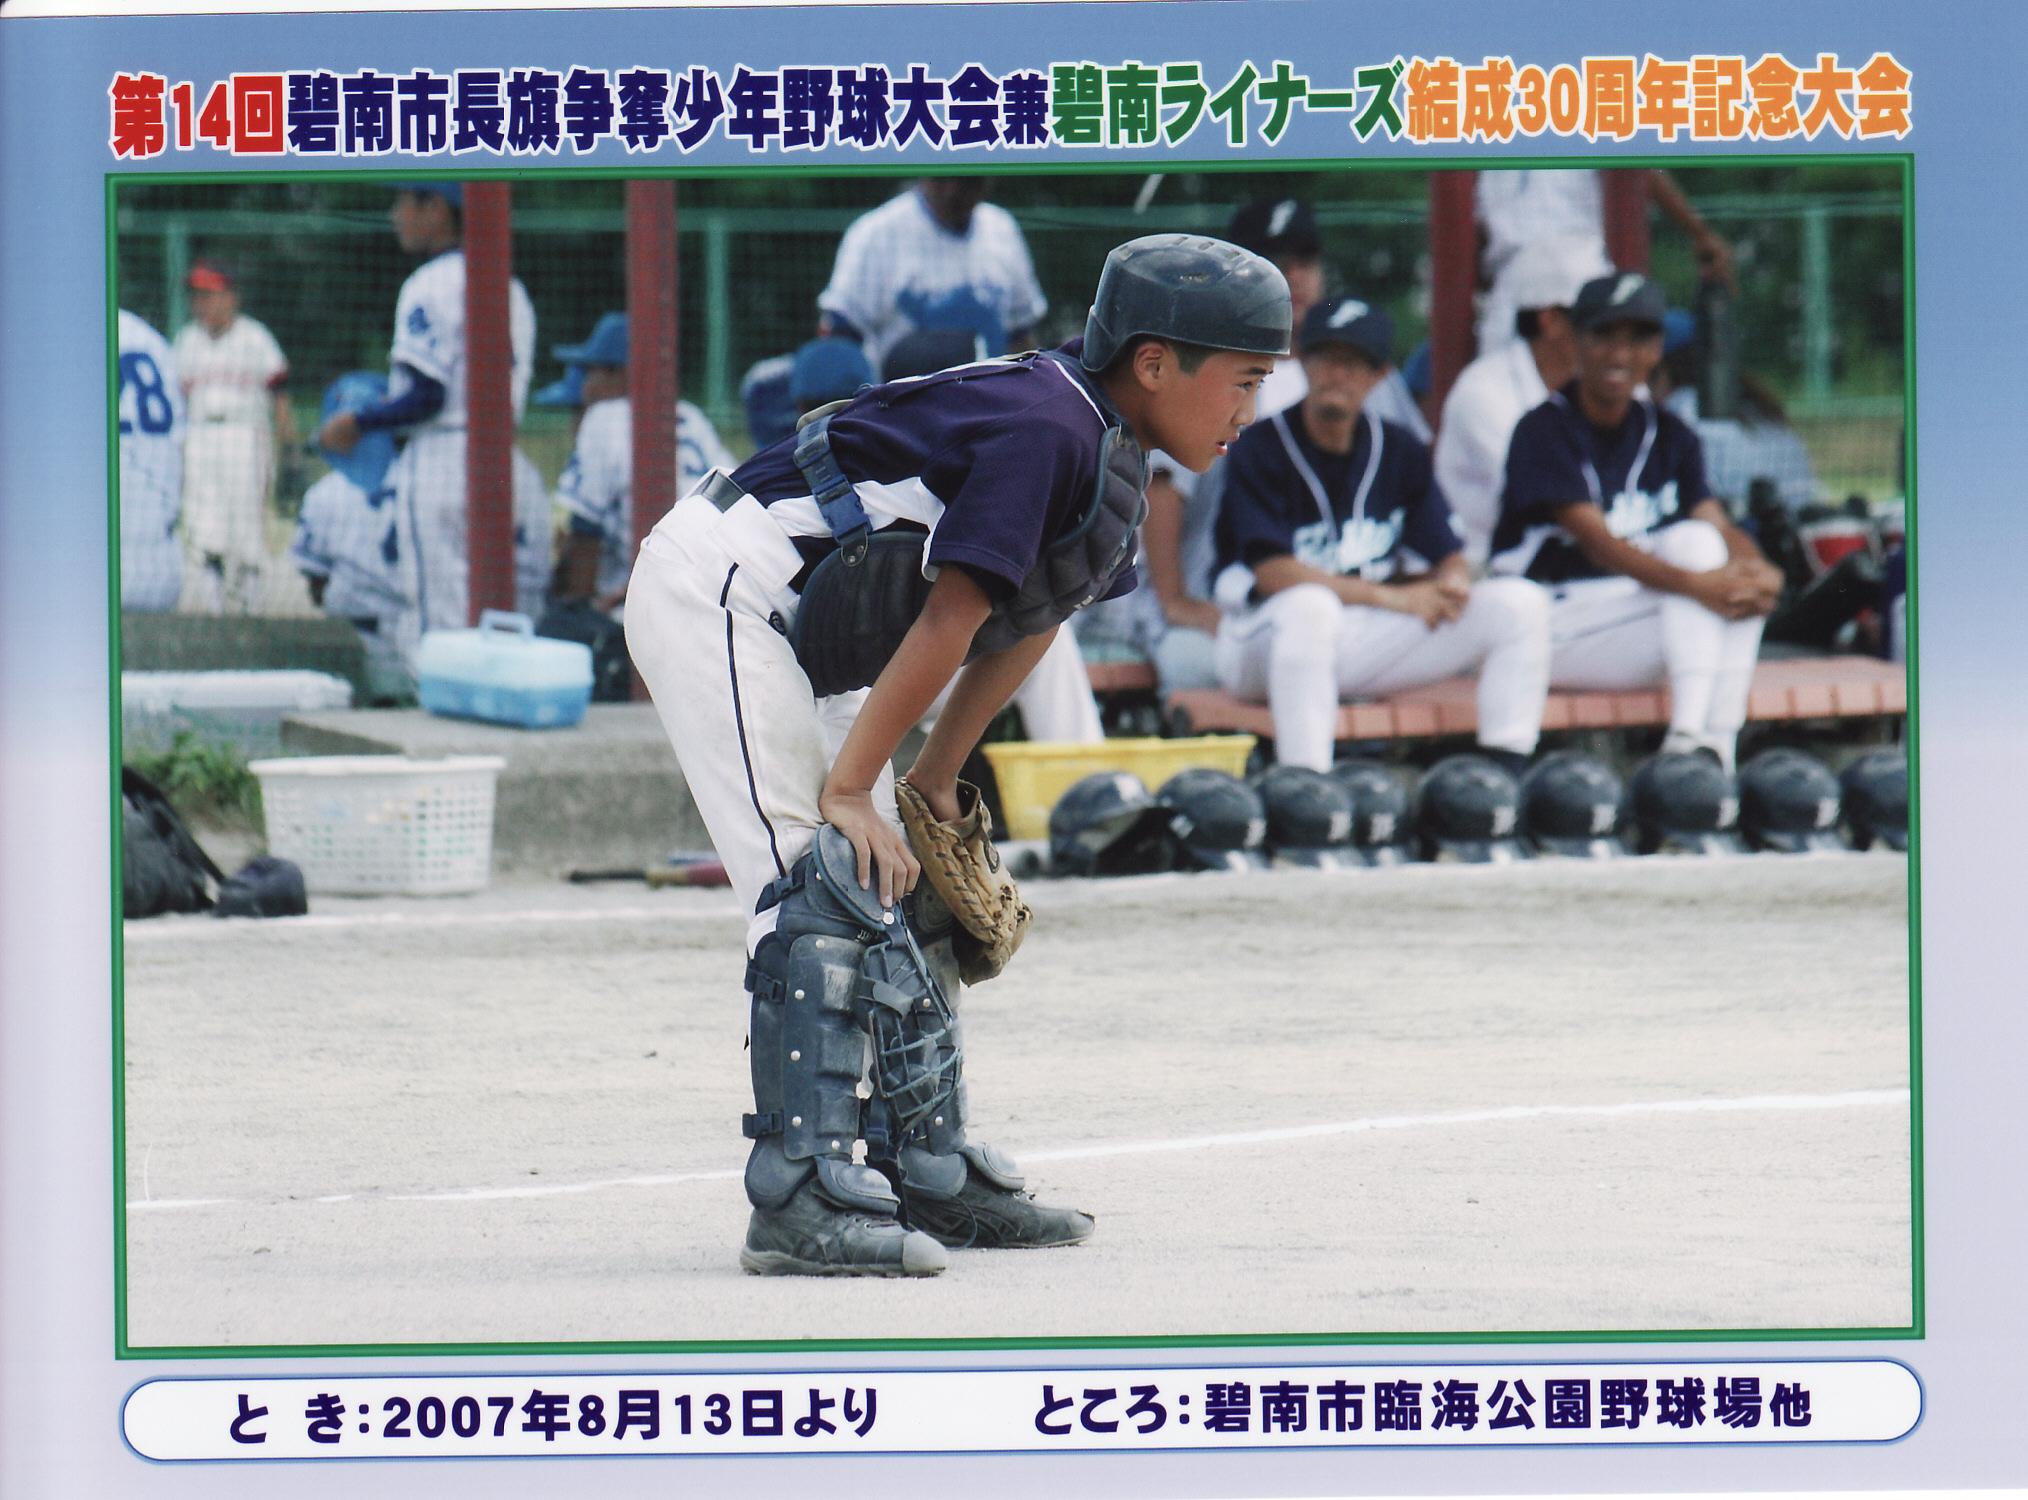 碧南市長期2007年8月_0018